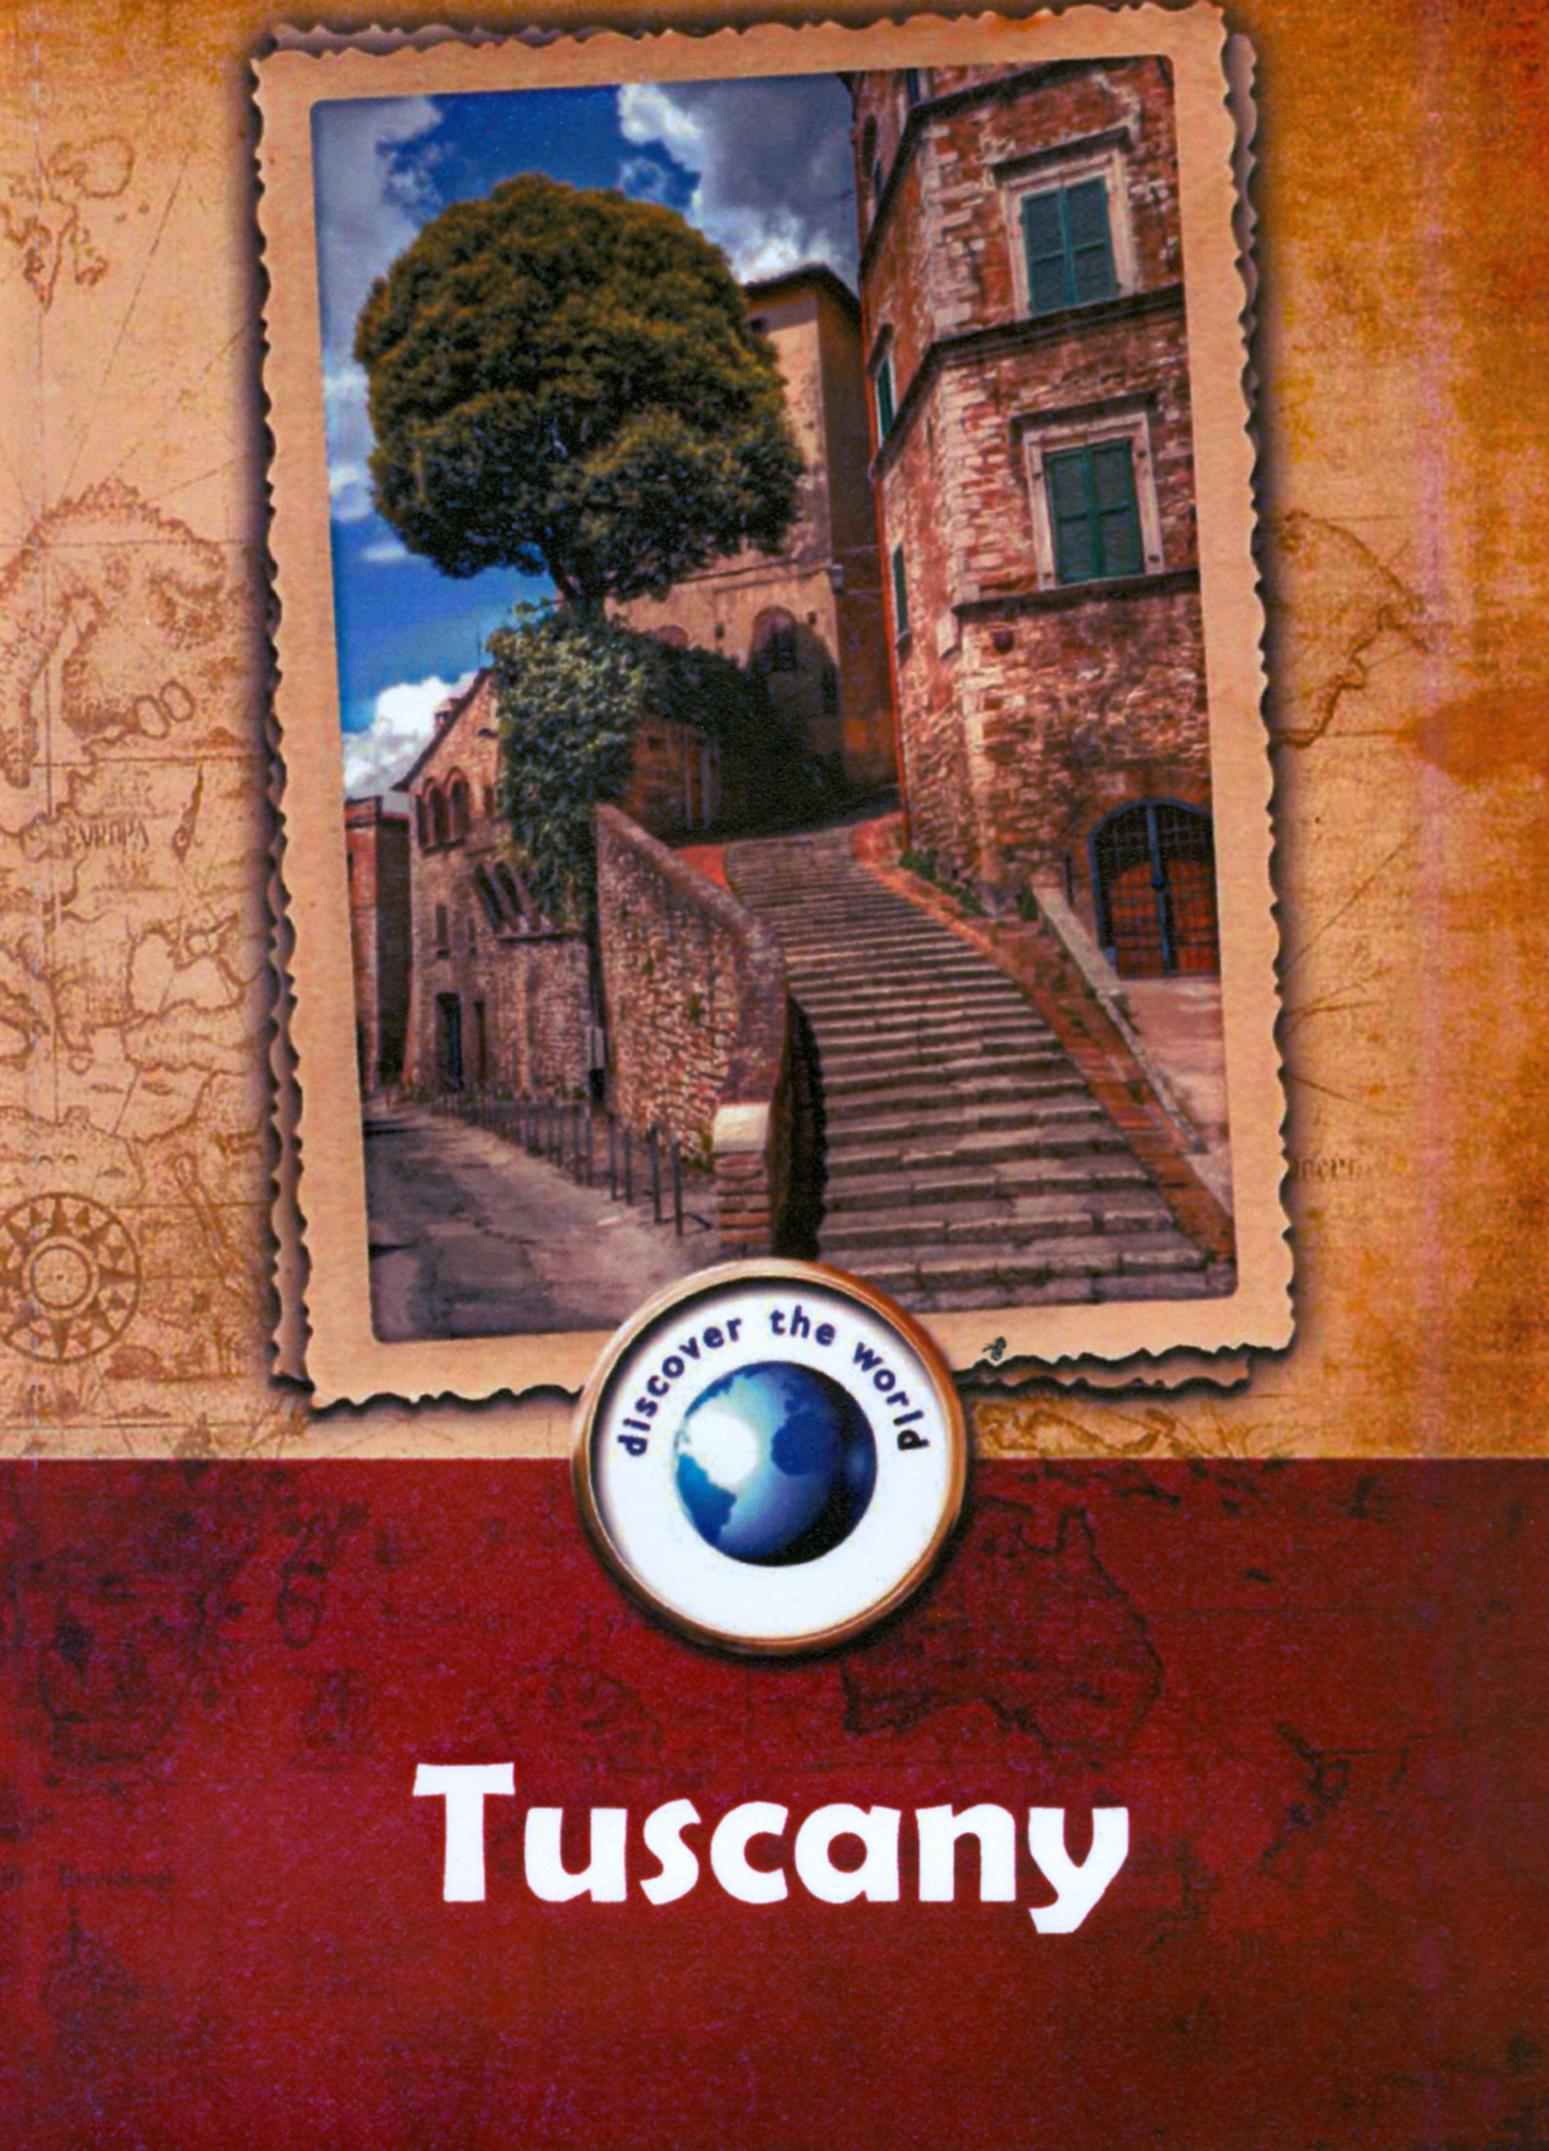 Discover the World: Tunisia